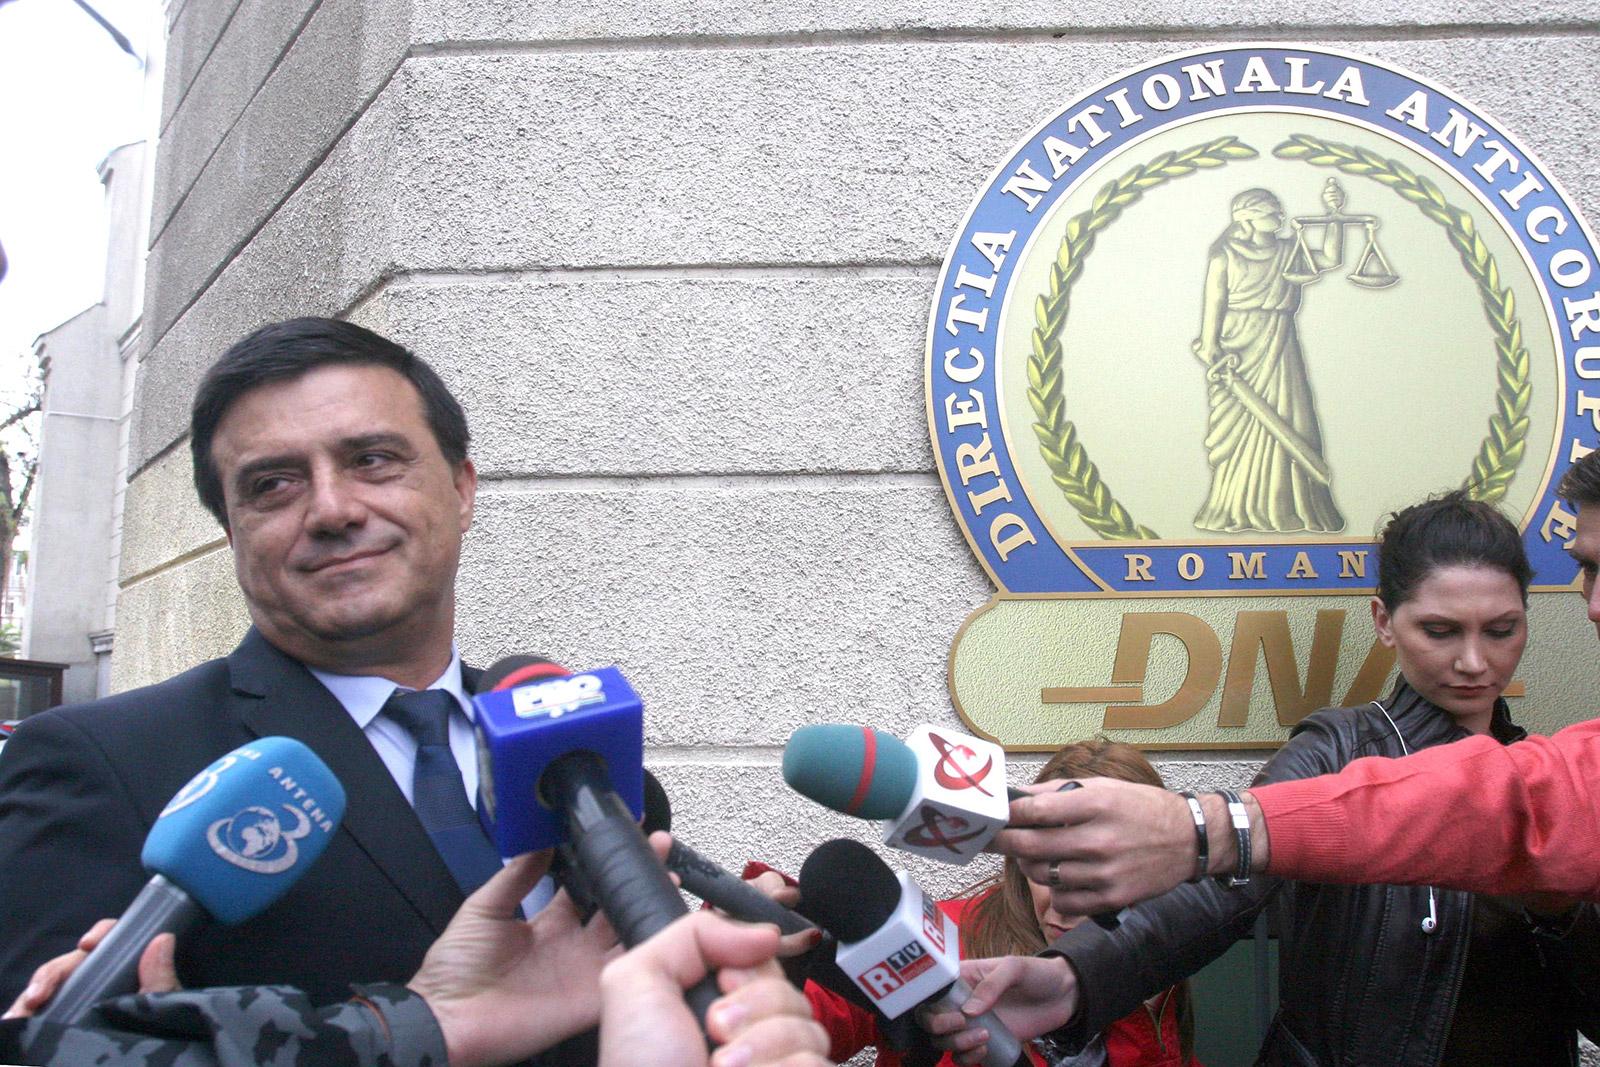 Nicolae Bădălău a fost chemat la DNA în aceeași zi cu Claudiu Manda și Gabriel Vlase. Bădălău a confirmat pentru RISE că procurorii l-au întrebat despre partidele de vânătoare la care a participat în fieful lui Dragnea / Foto: Mediafax Foto, Alexandru Dobre